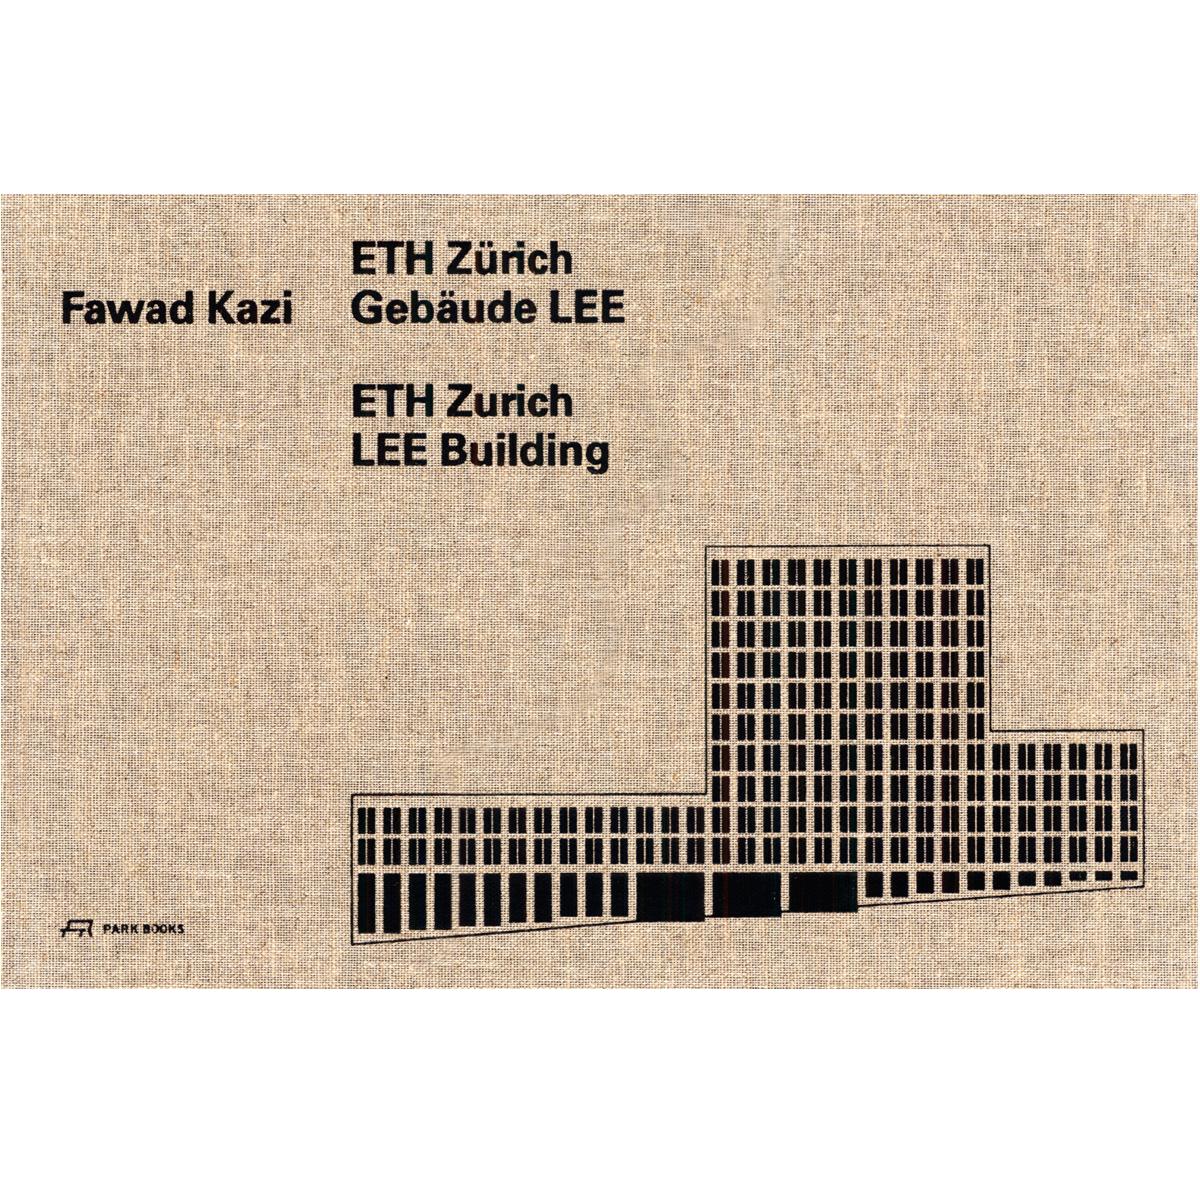 ETH Zurich LEE Building